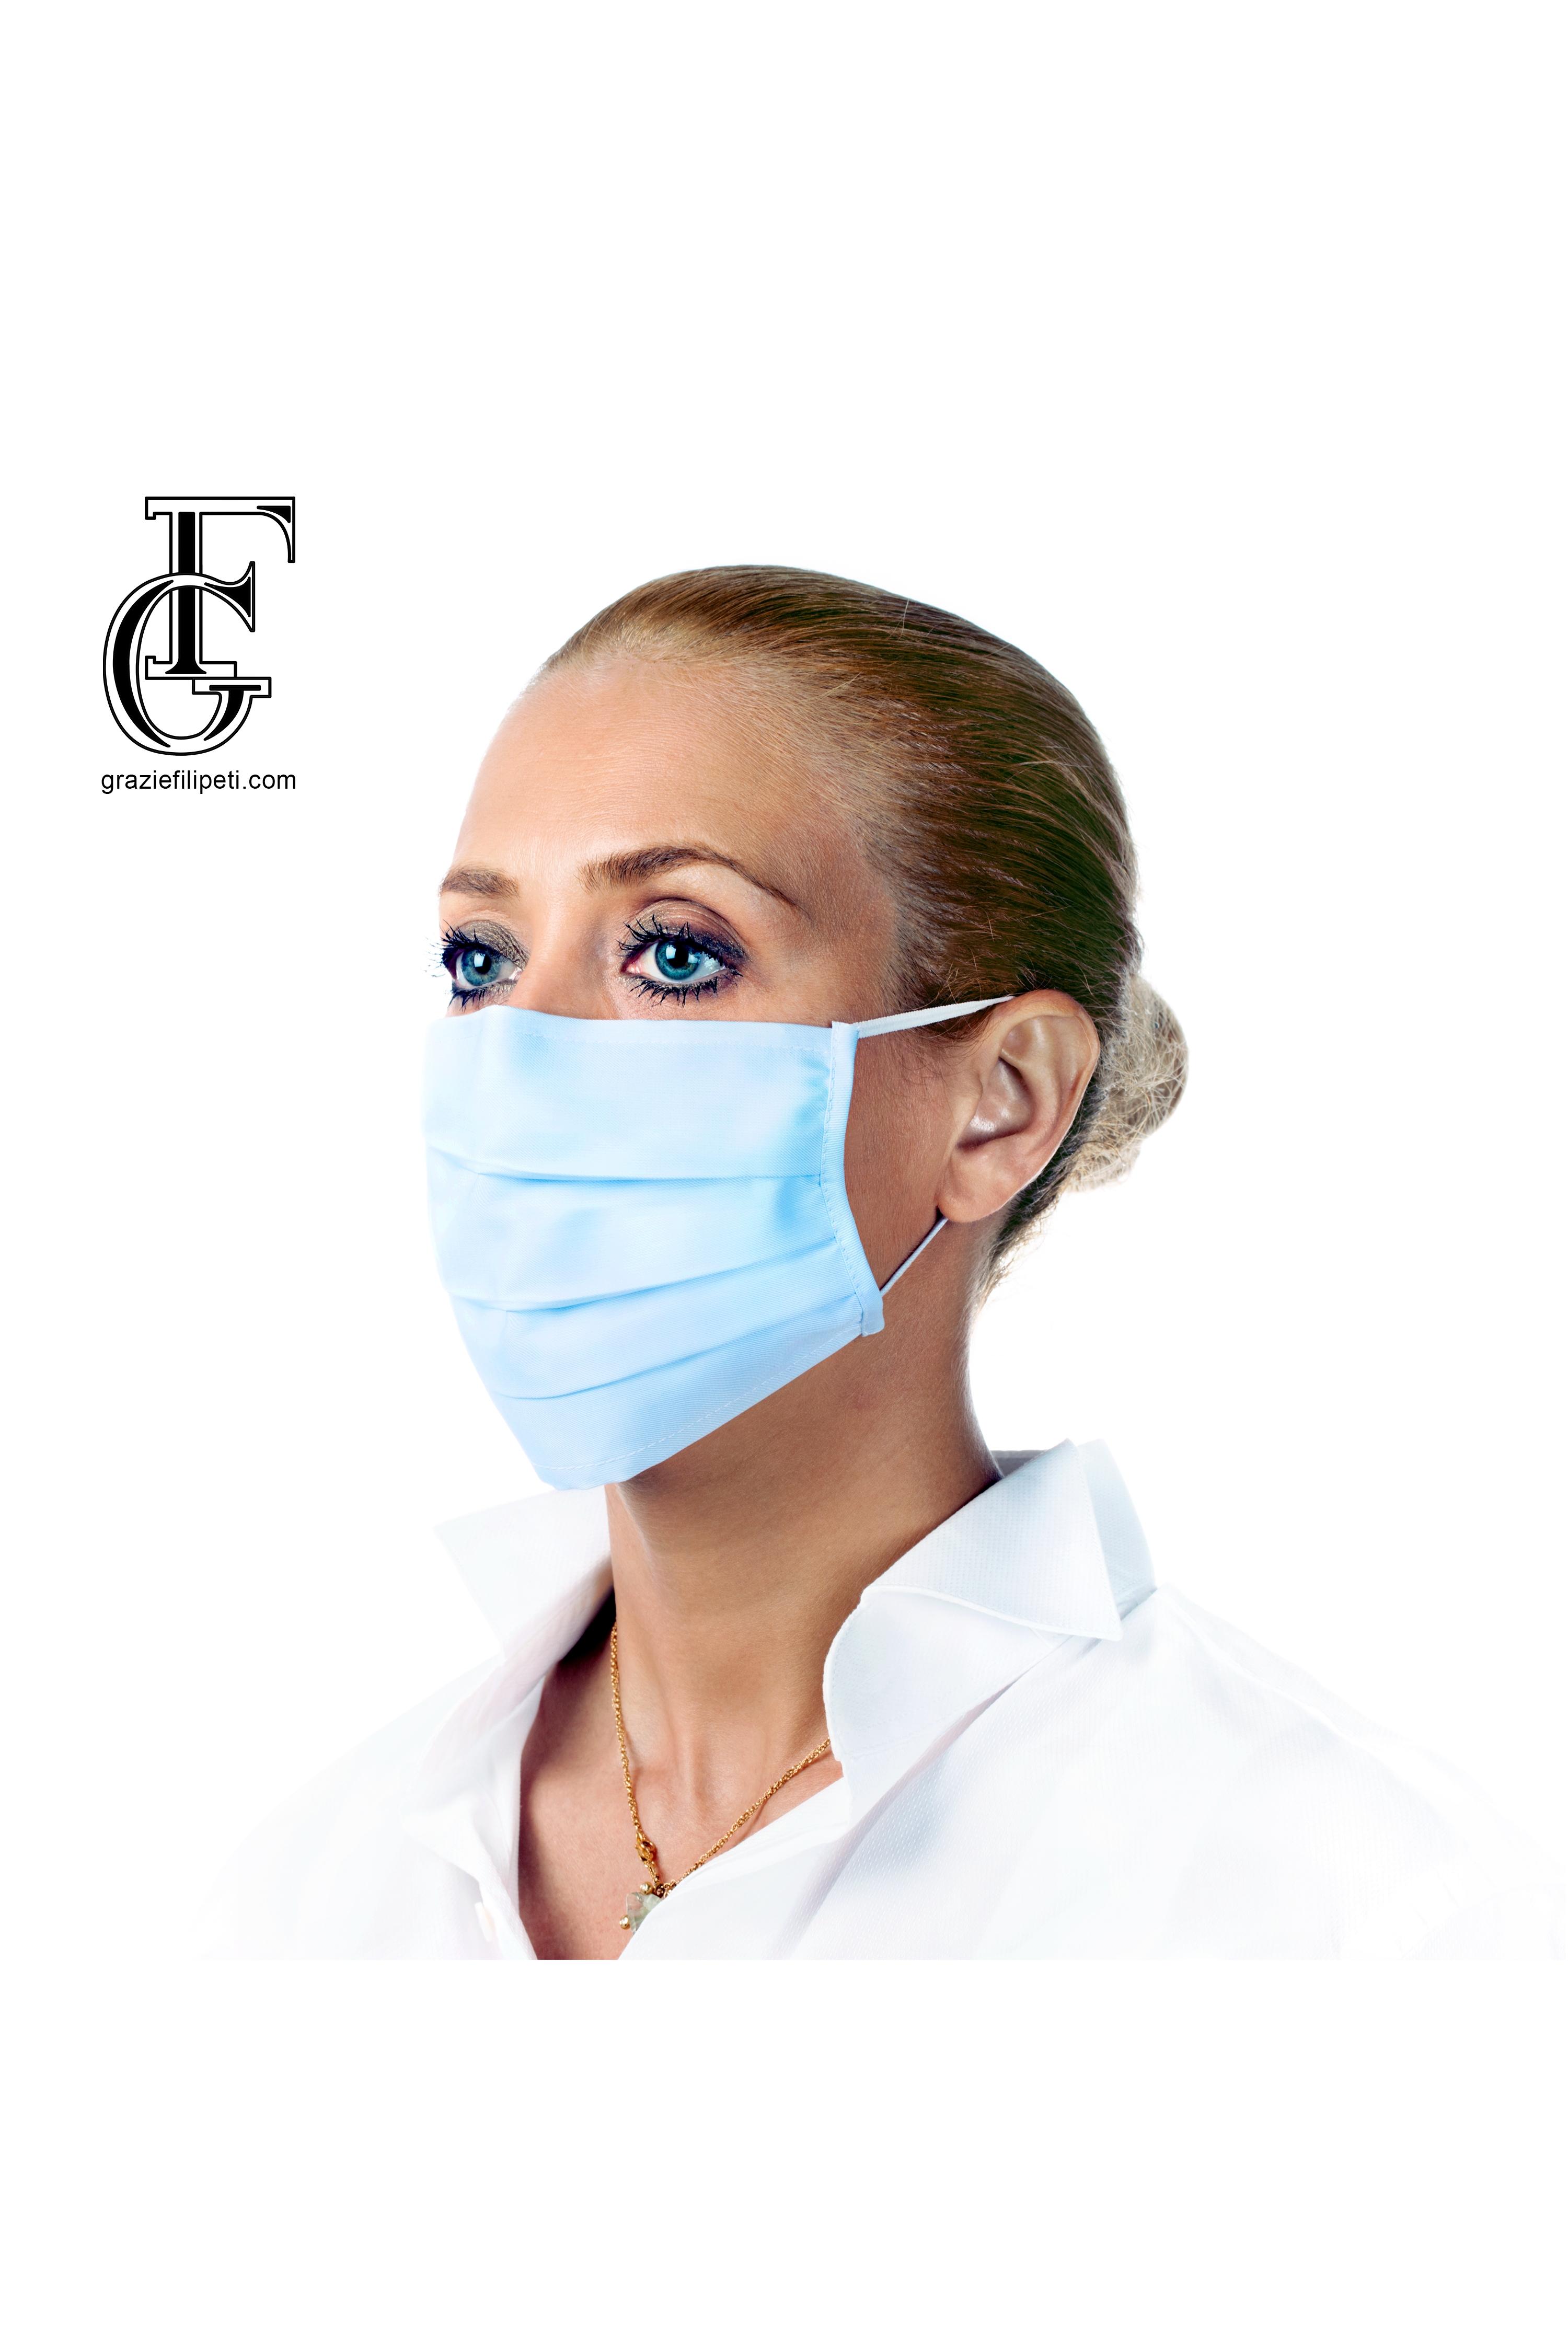 50Pk 3 Layer Protective Disposable Face Masks - Blue Camo